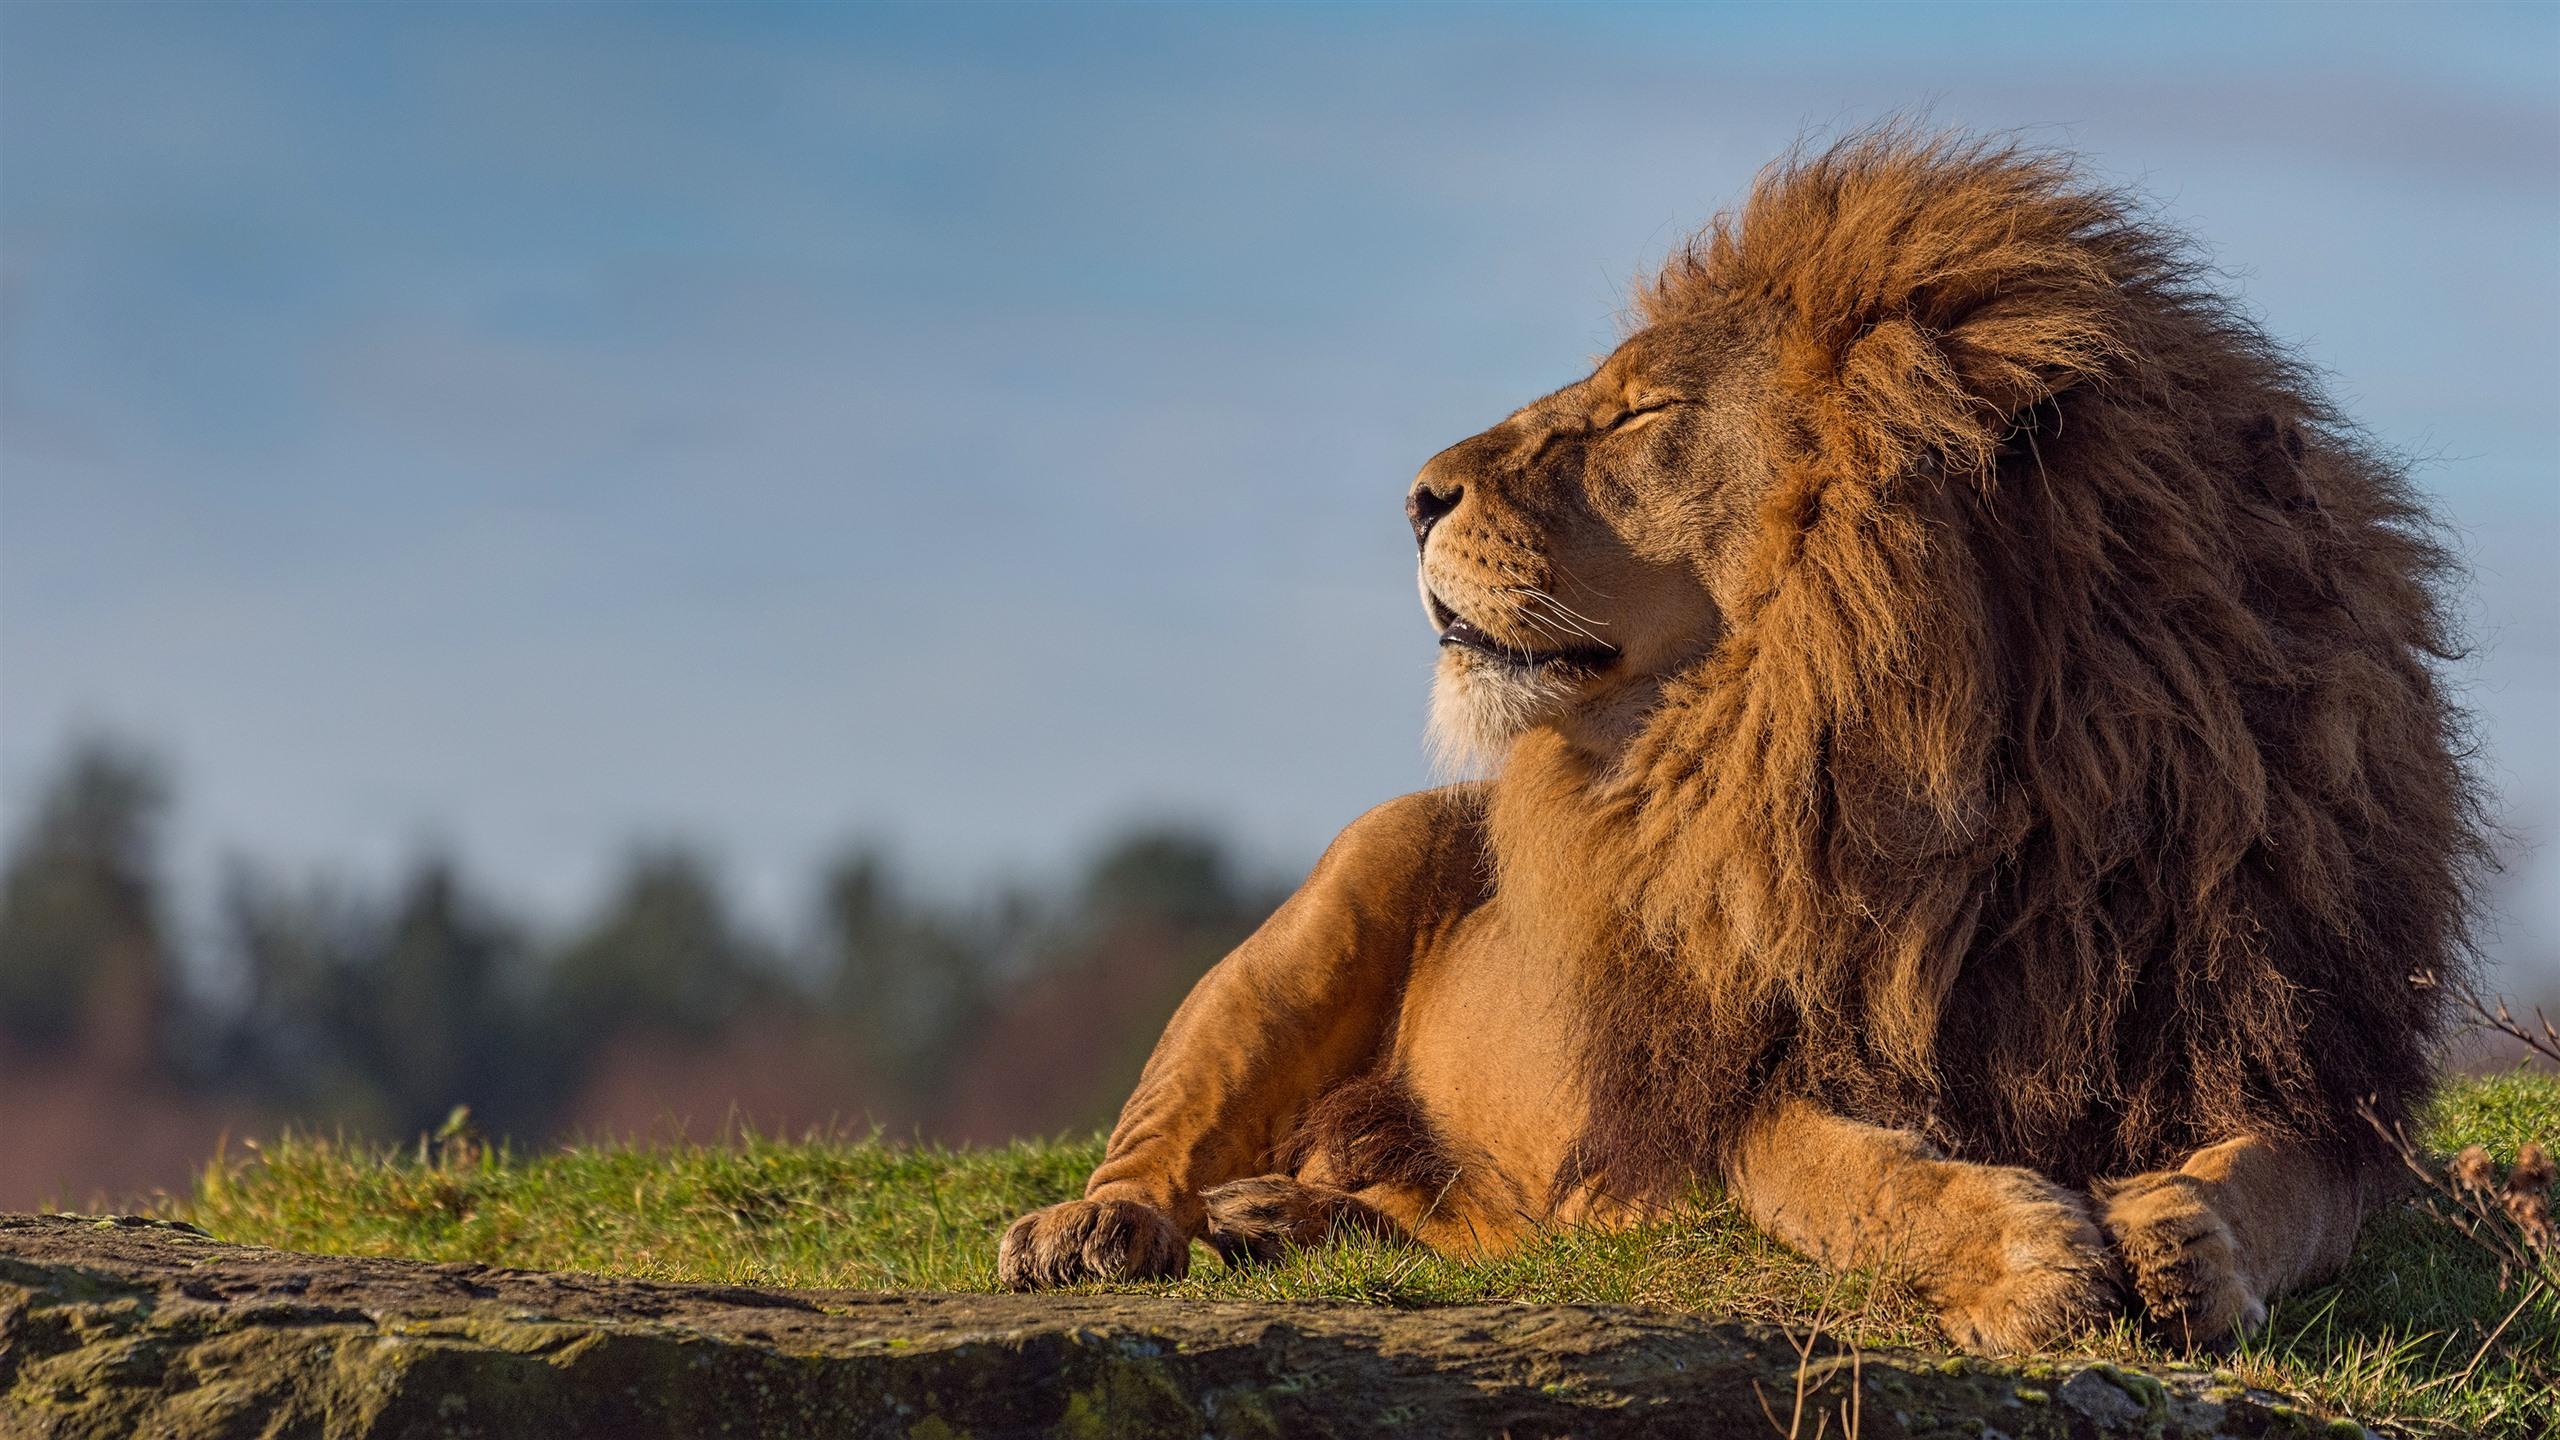 Fonds Décran Lion Ferme Les Yeux 3840x2160 Uhd 4k Image